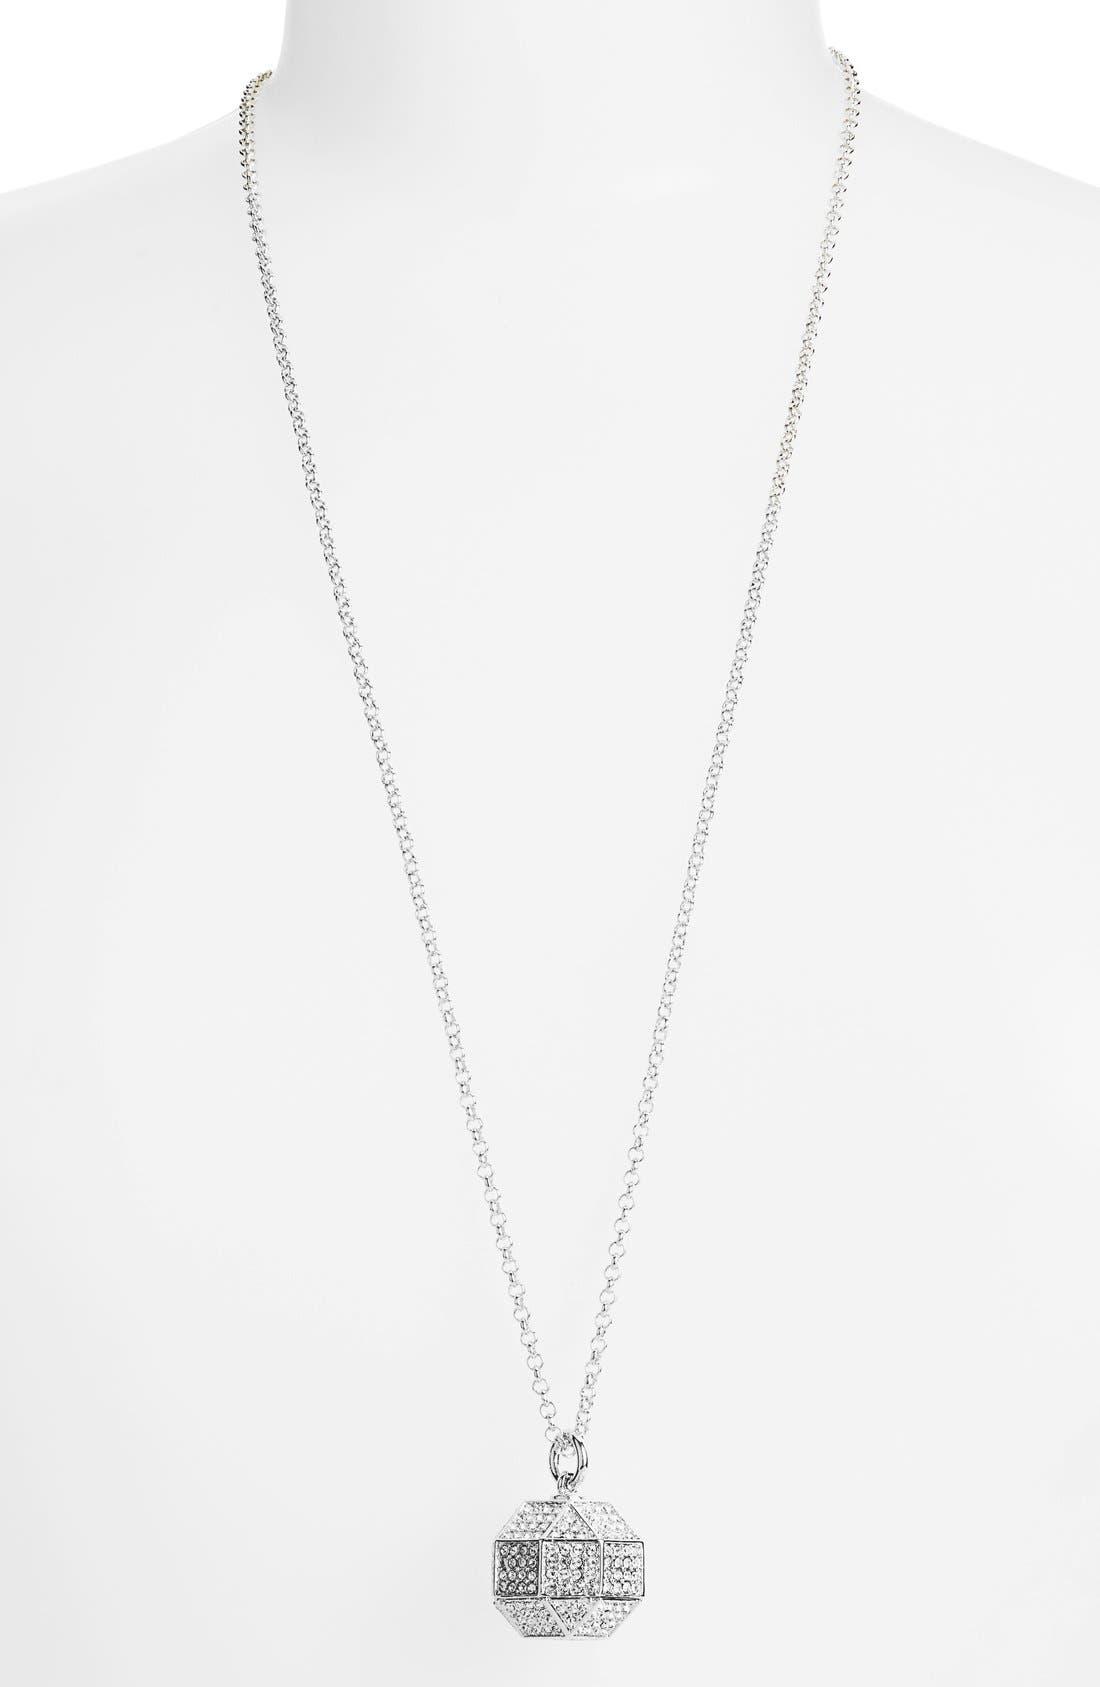 Main Image - Louise et Cie 'Pavé Octagon' Pendant Necklace